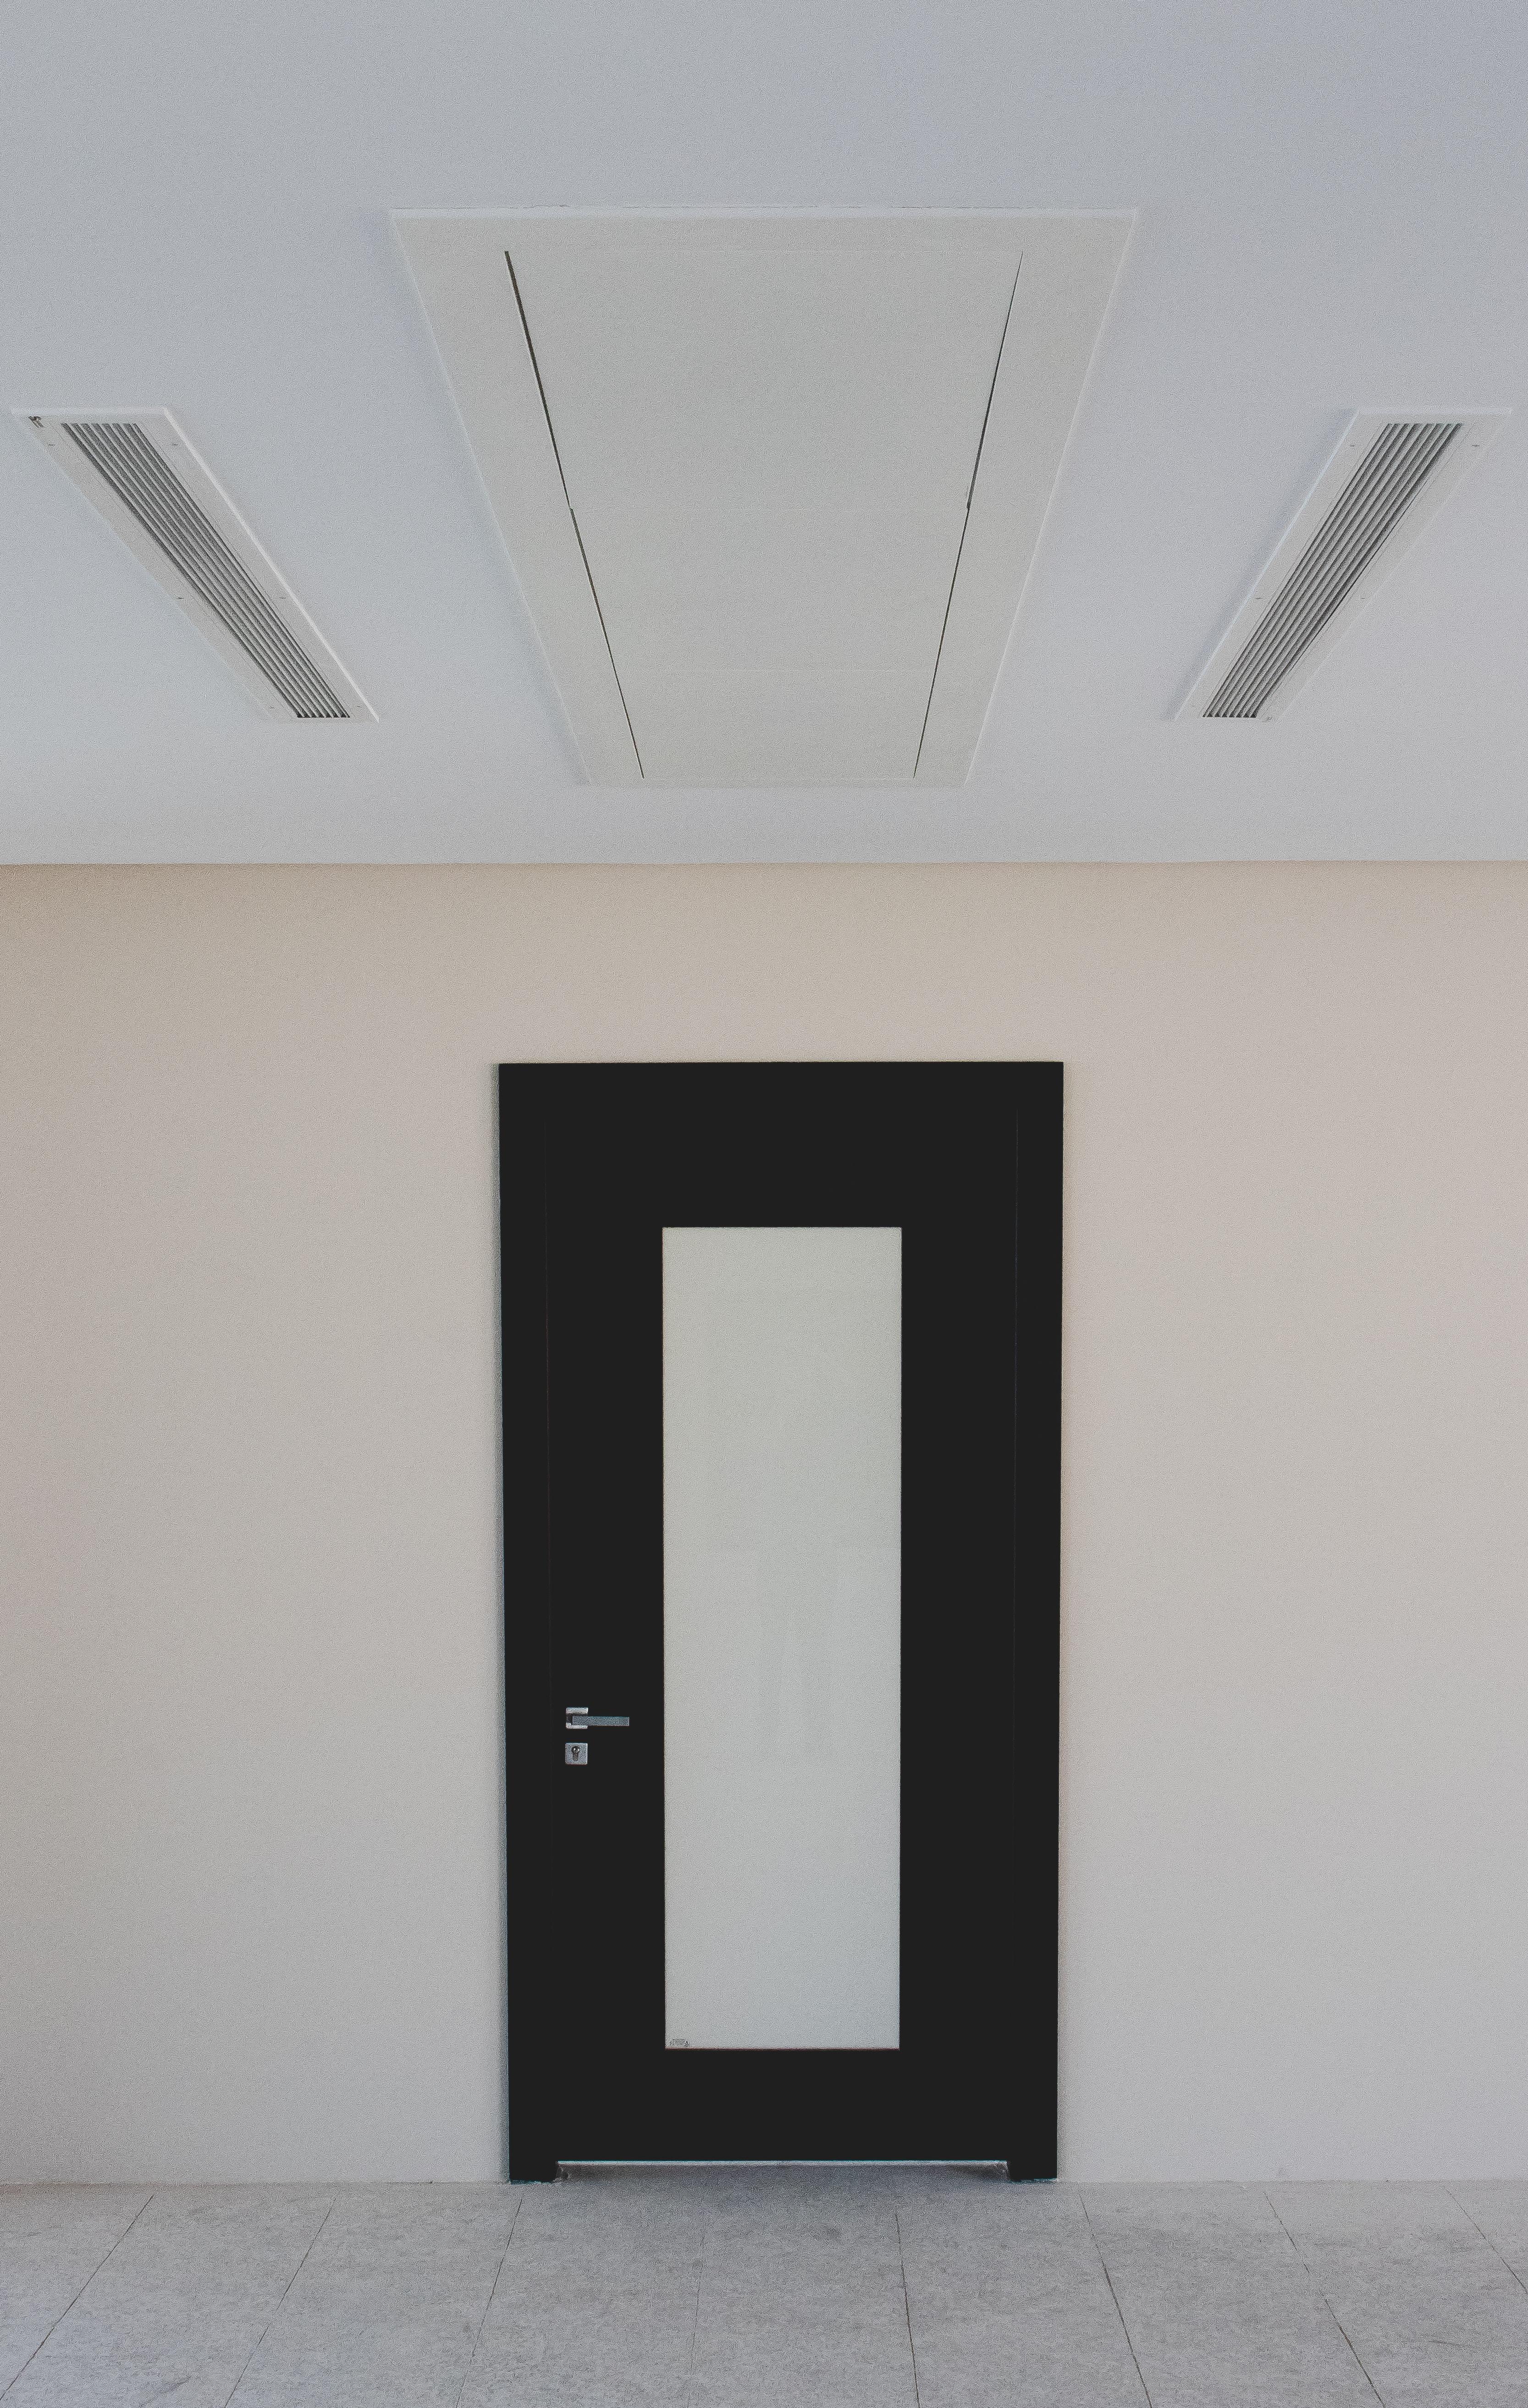 closed black and beige door on beige wall